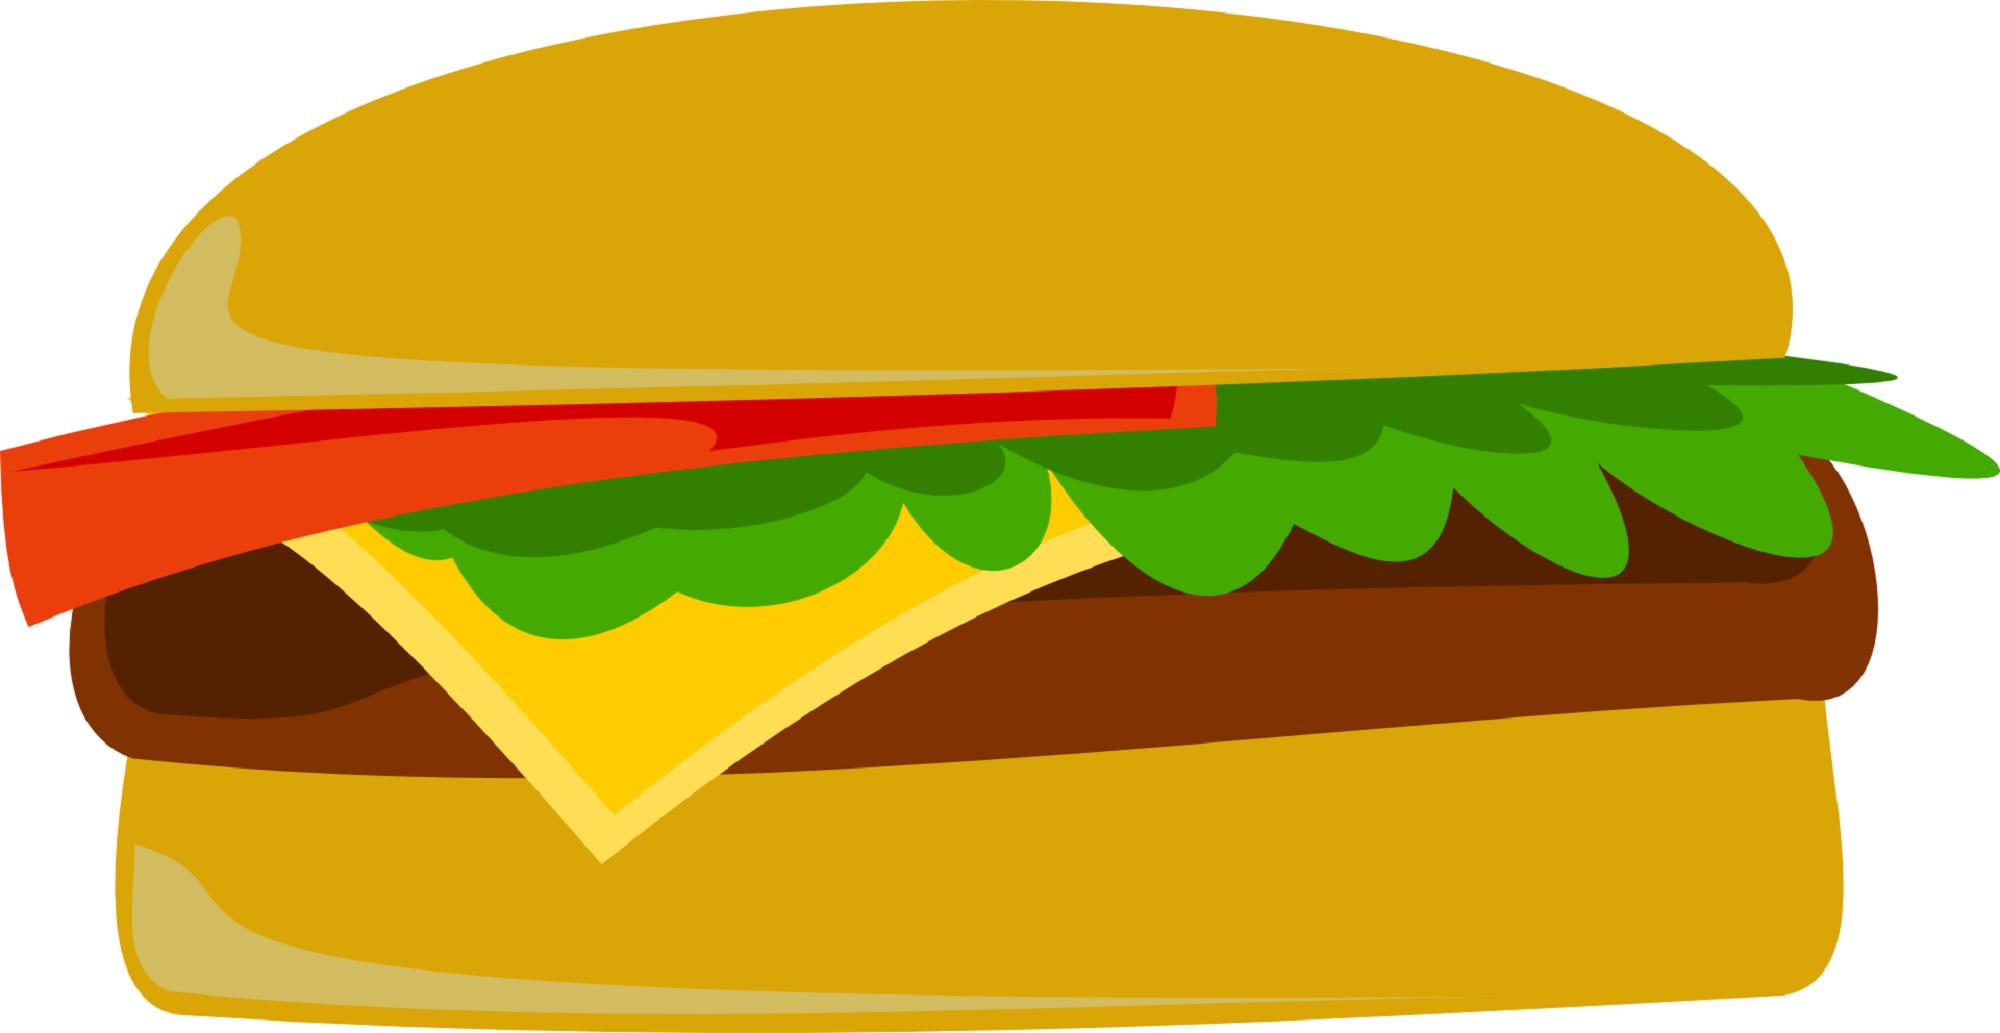 Da li znate šta je hamburger ikonica?